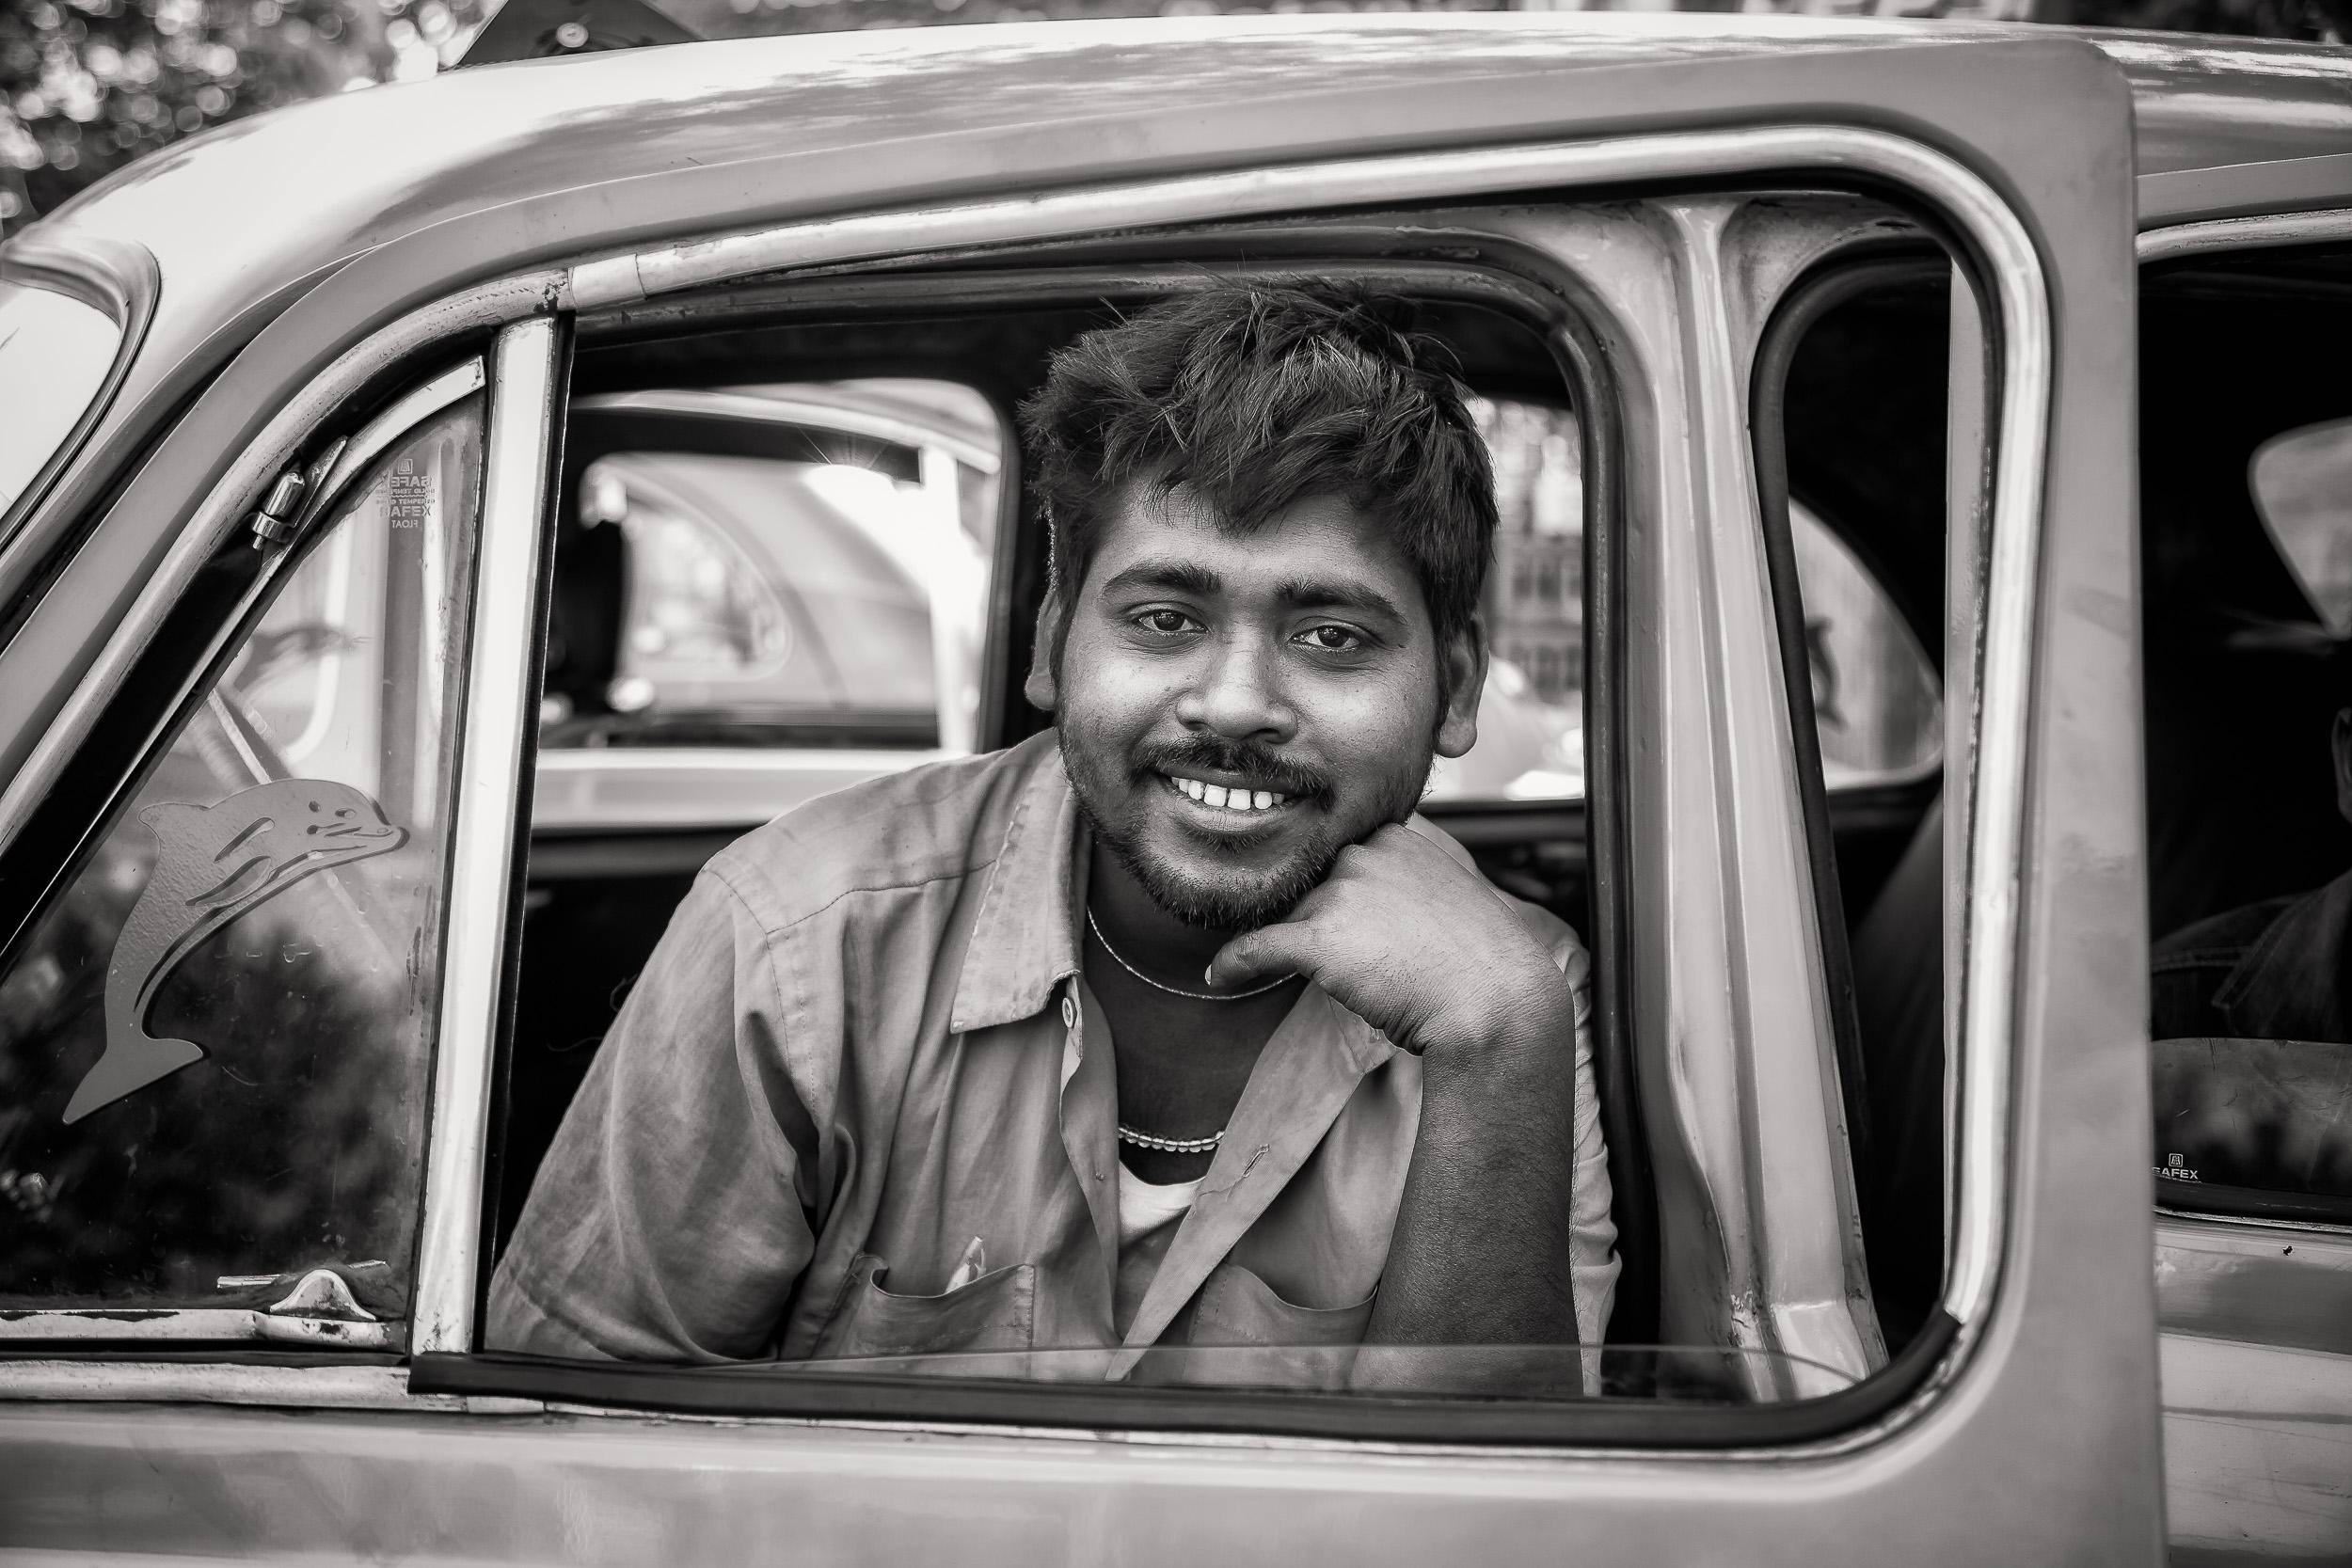 Taxi Driver, Kolkata, India